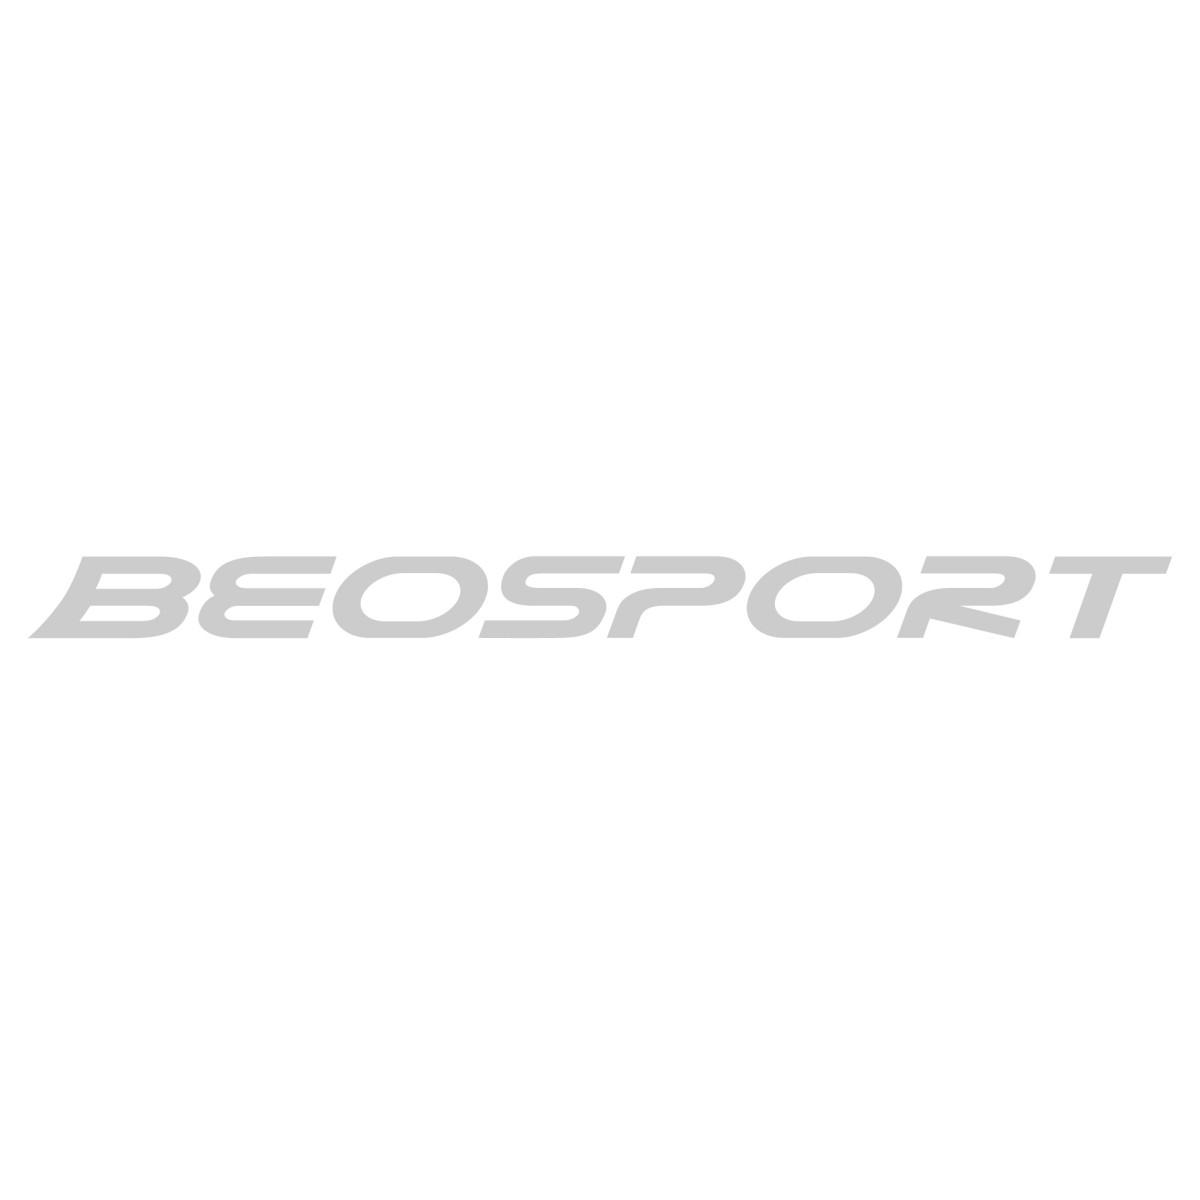 Wilson Avp Ny City lopta za odbojku